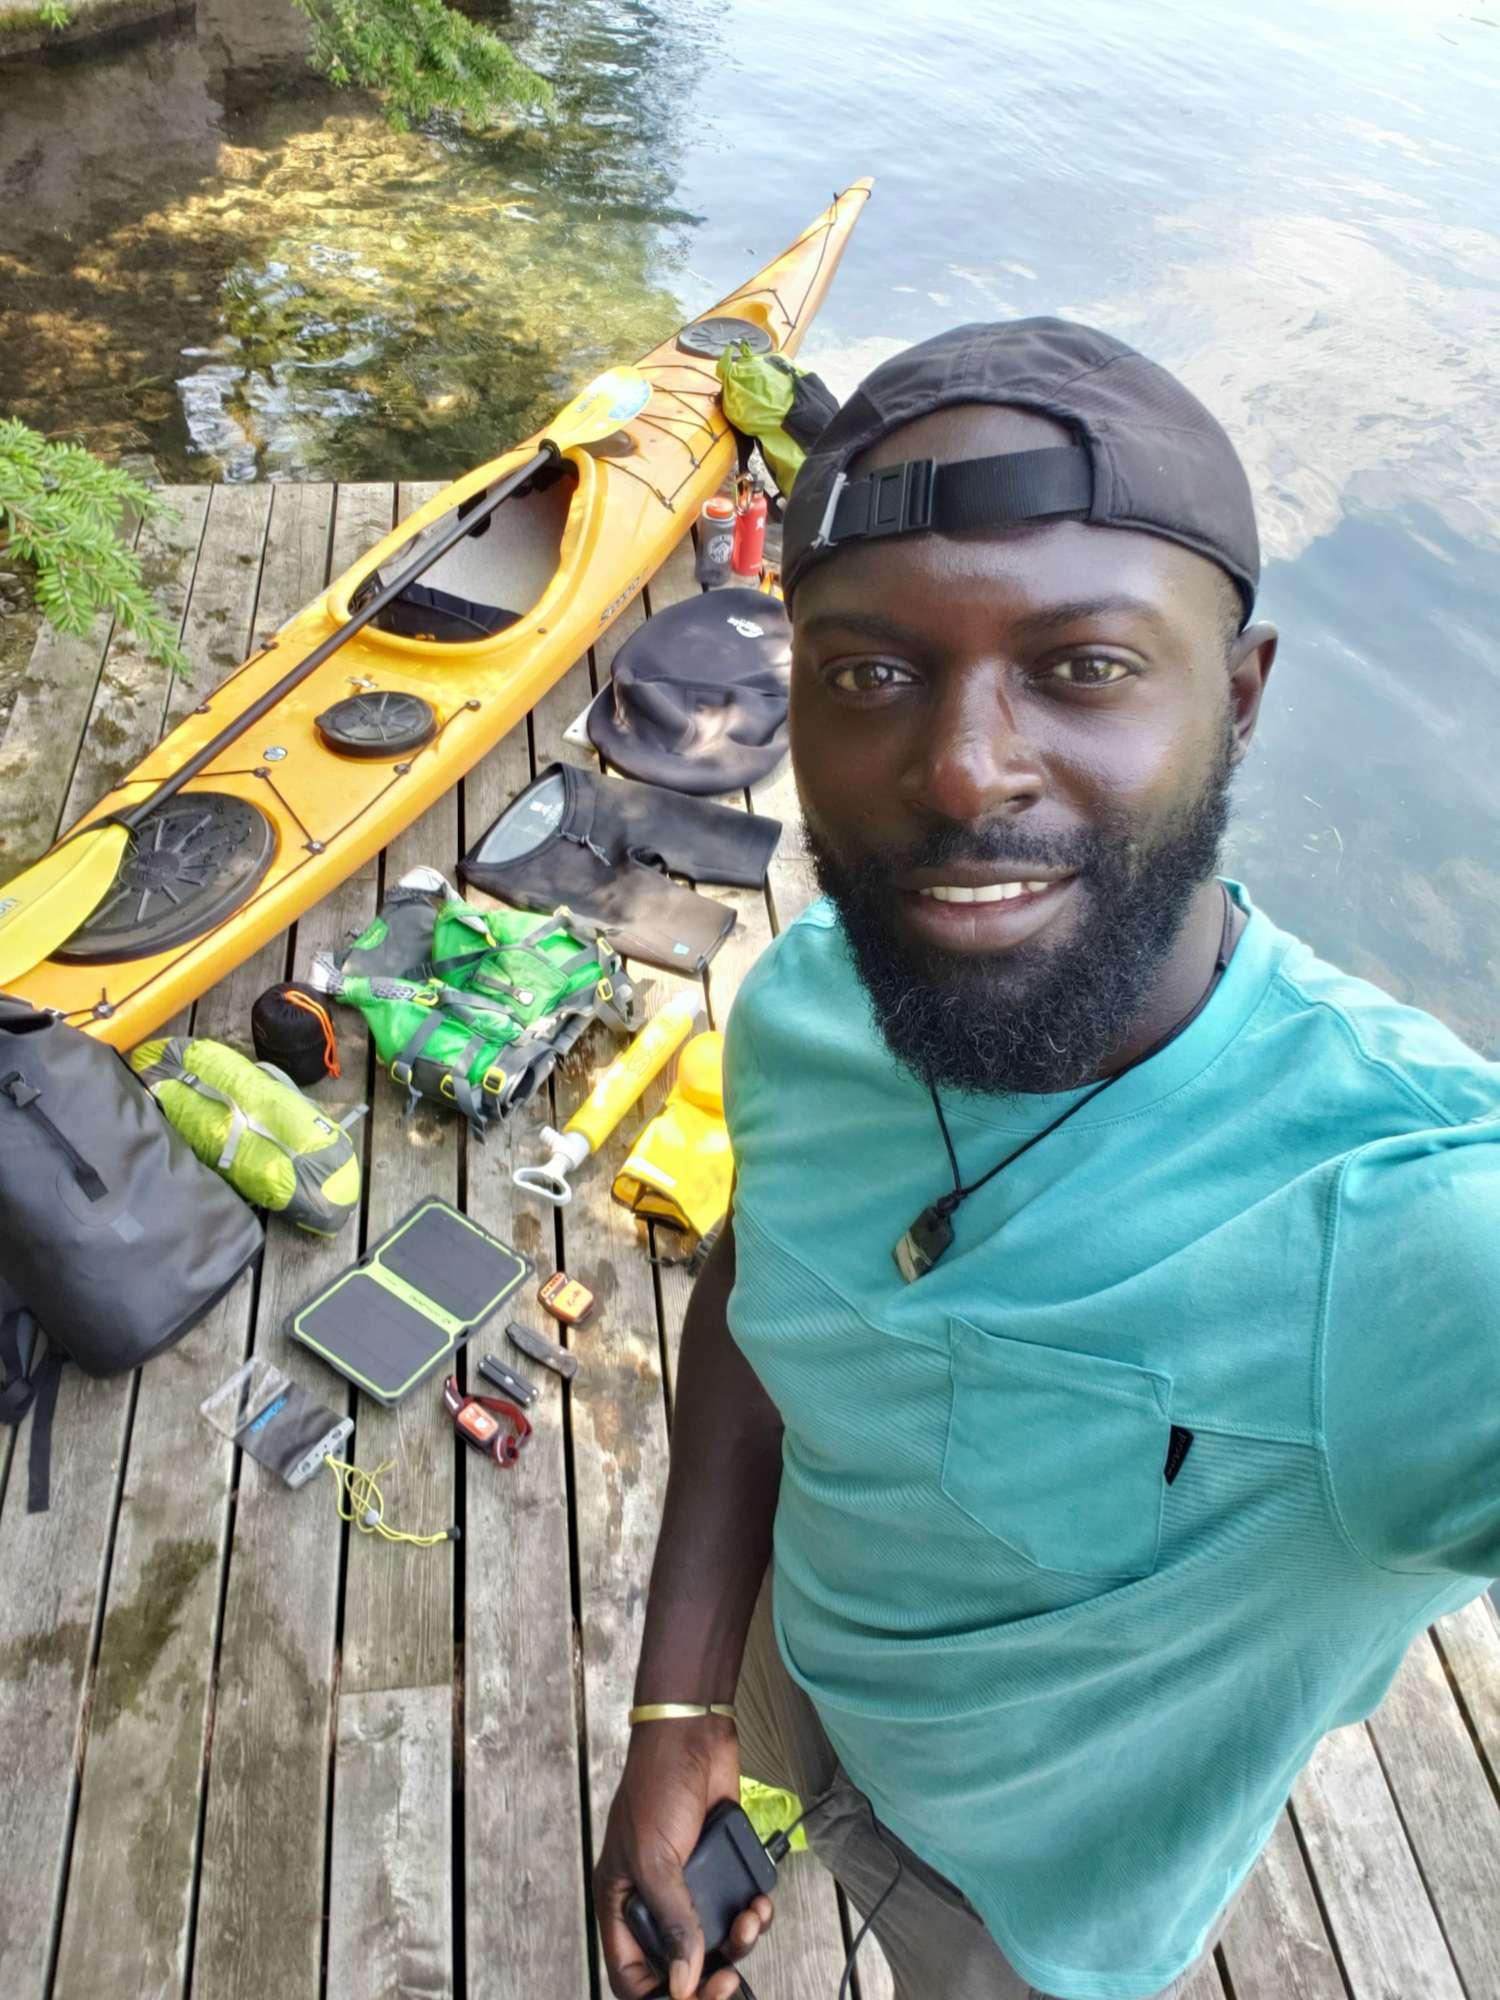 mario-rigby-kayak-lake-ontario